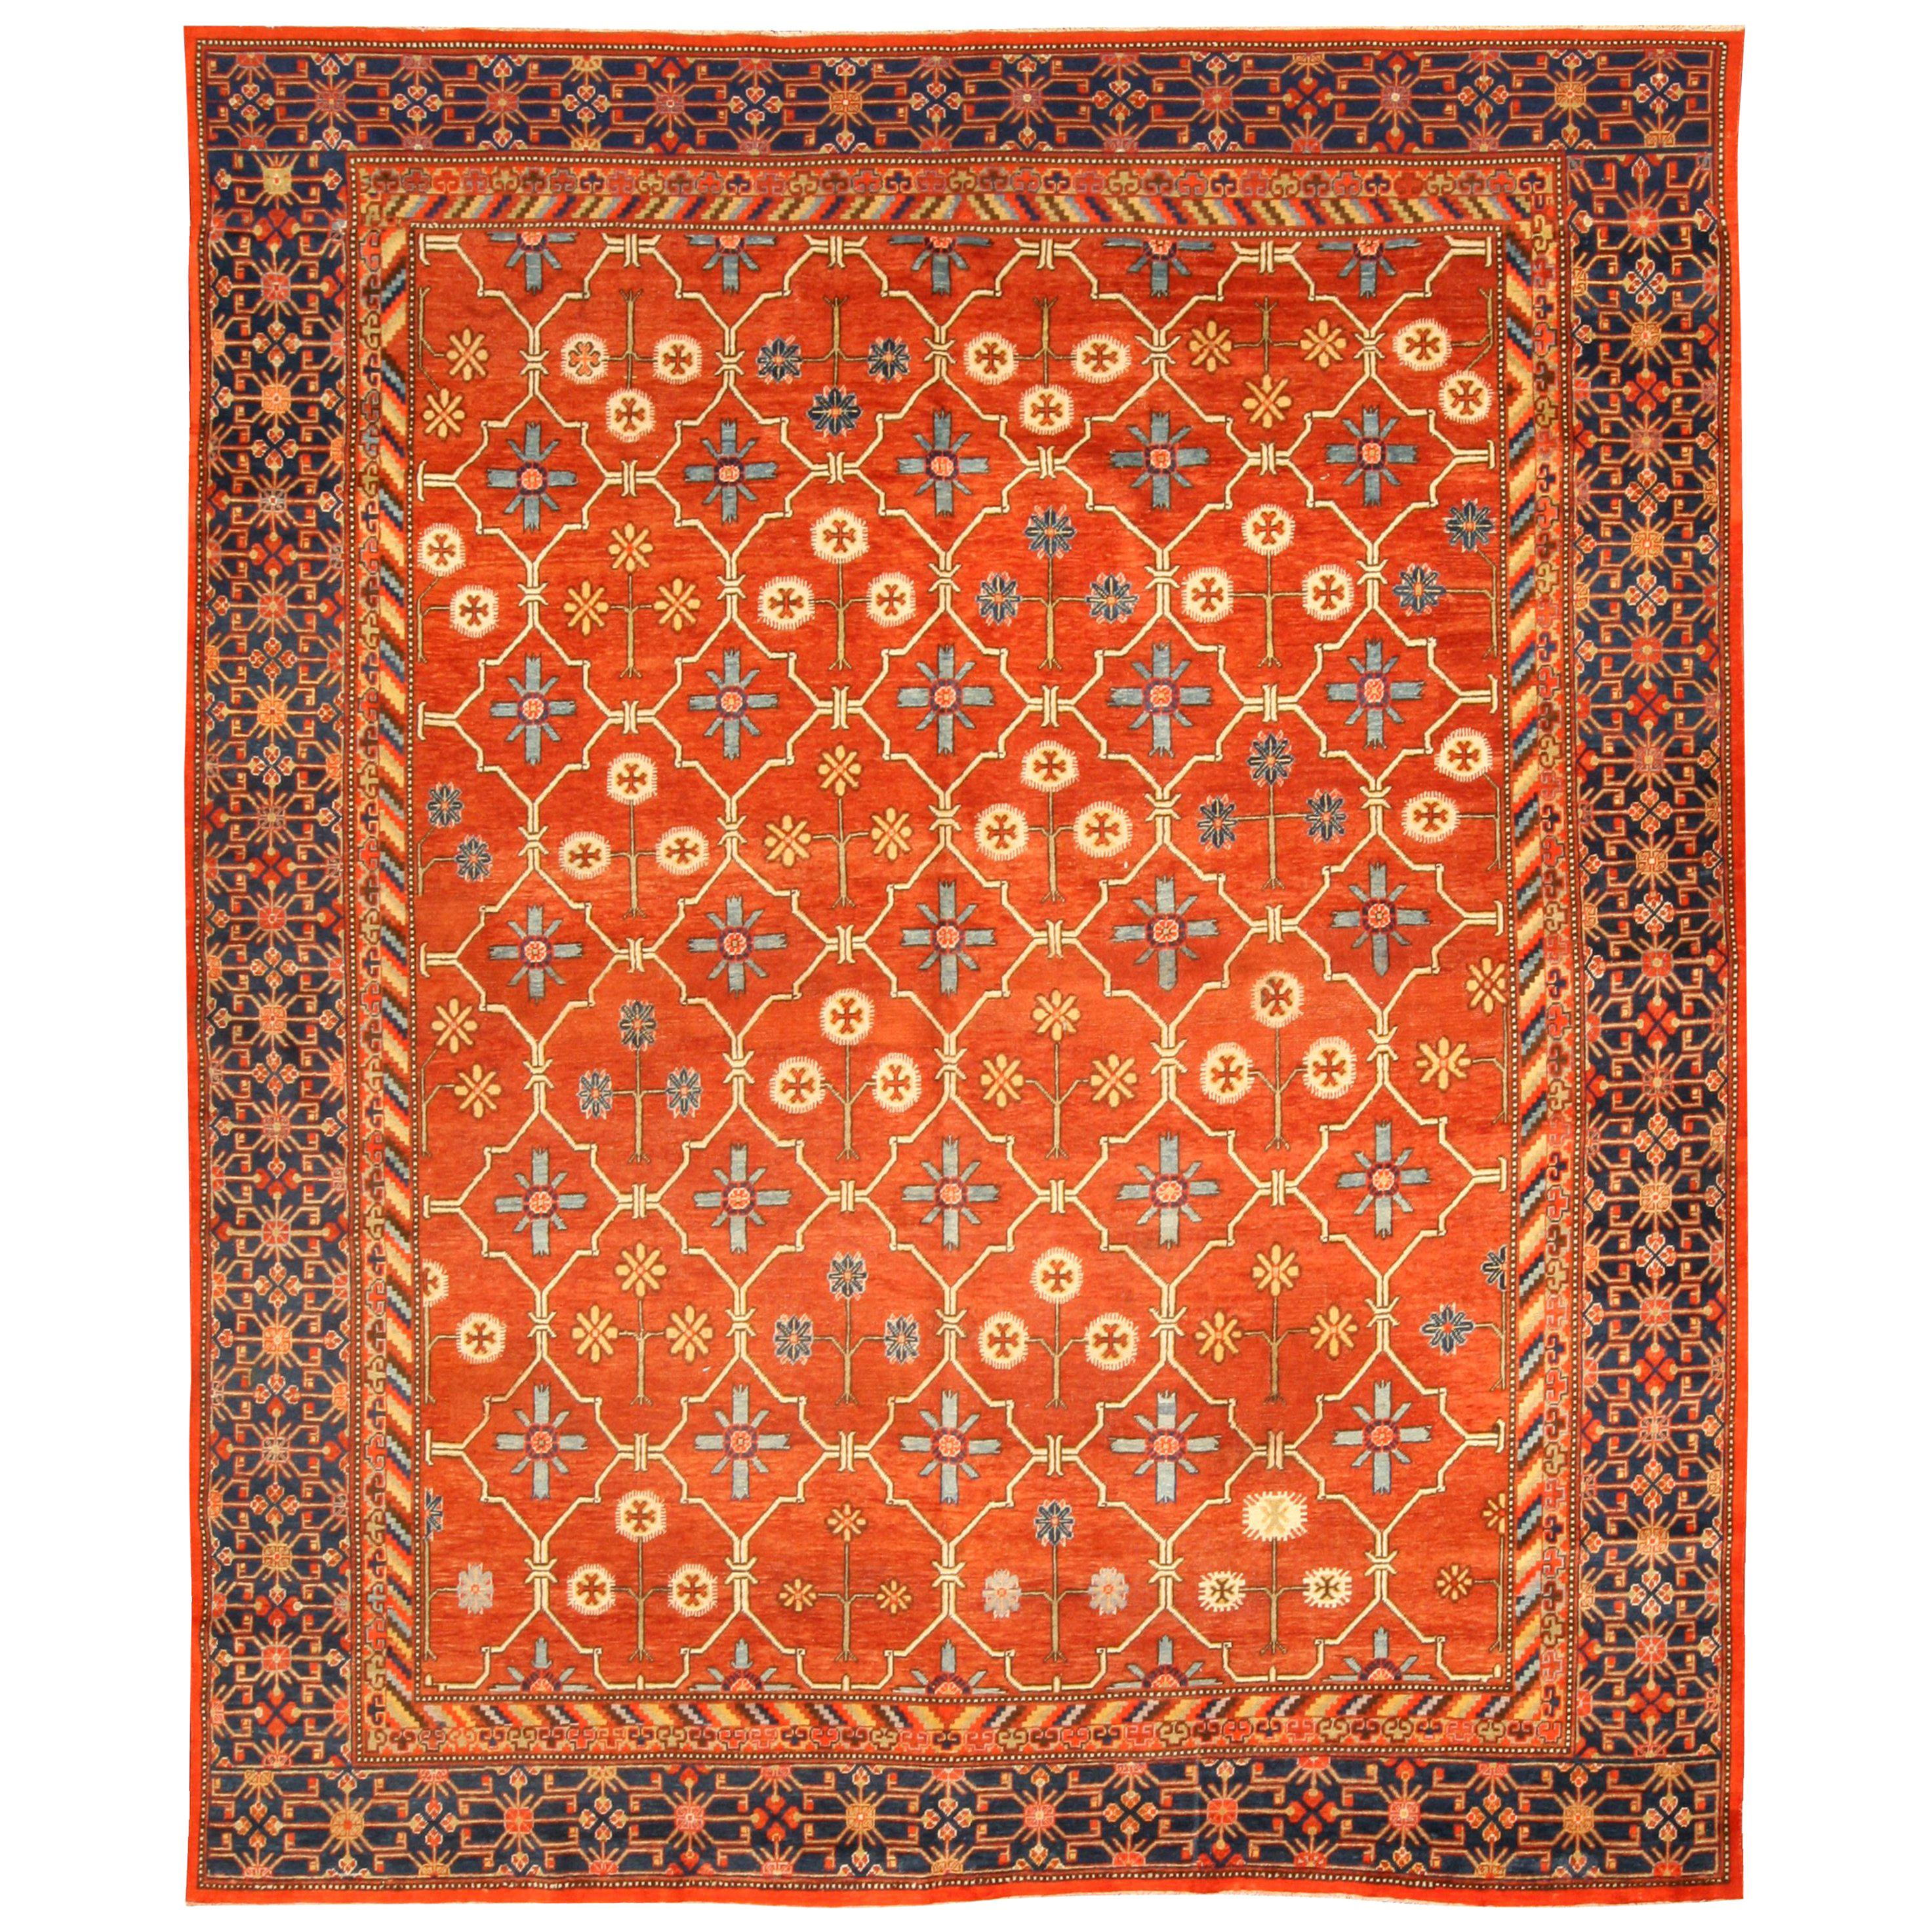 Samarkand 'Khotan' Rug